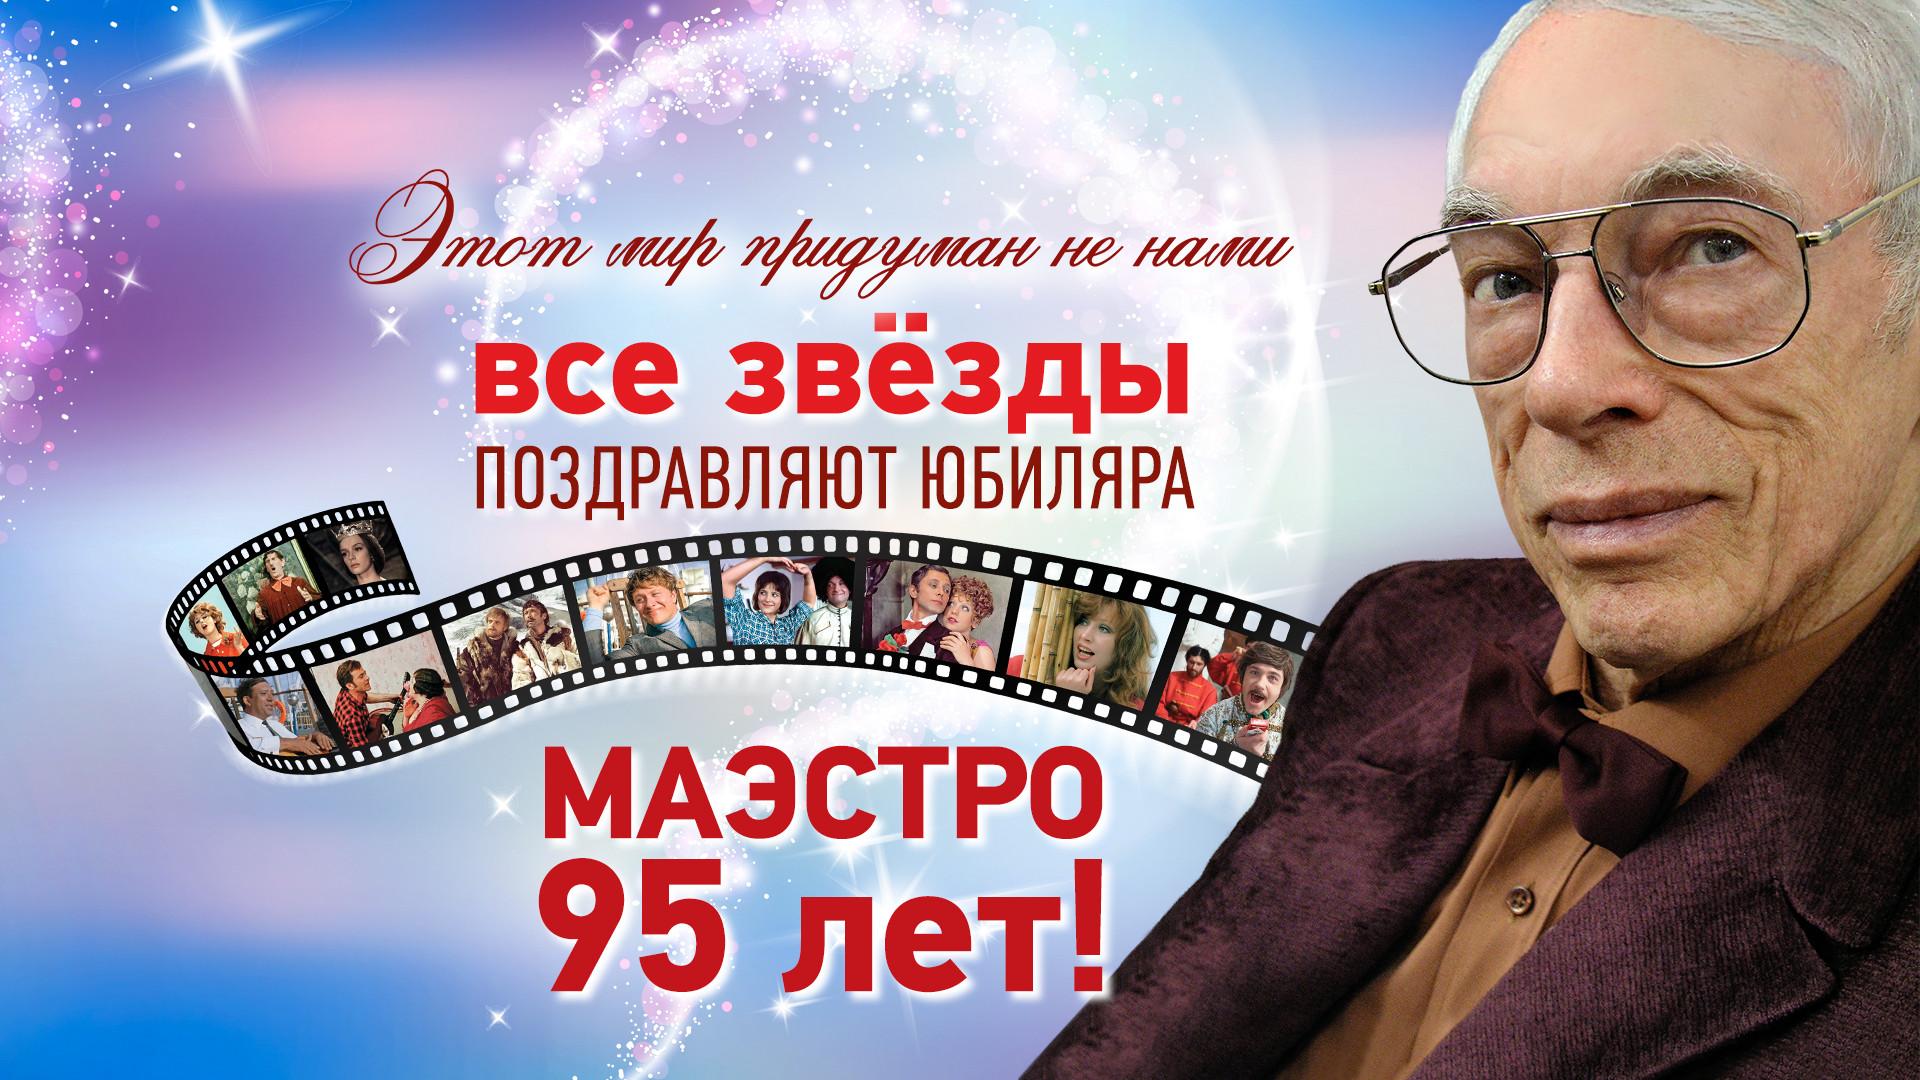 """""""Этот мир придуман не нами"""" . Юбилейный гала-концерт, посвящённый 95-летию композитора А. Зацепина"""